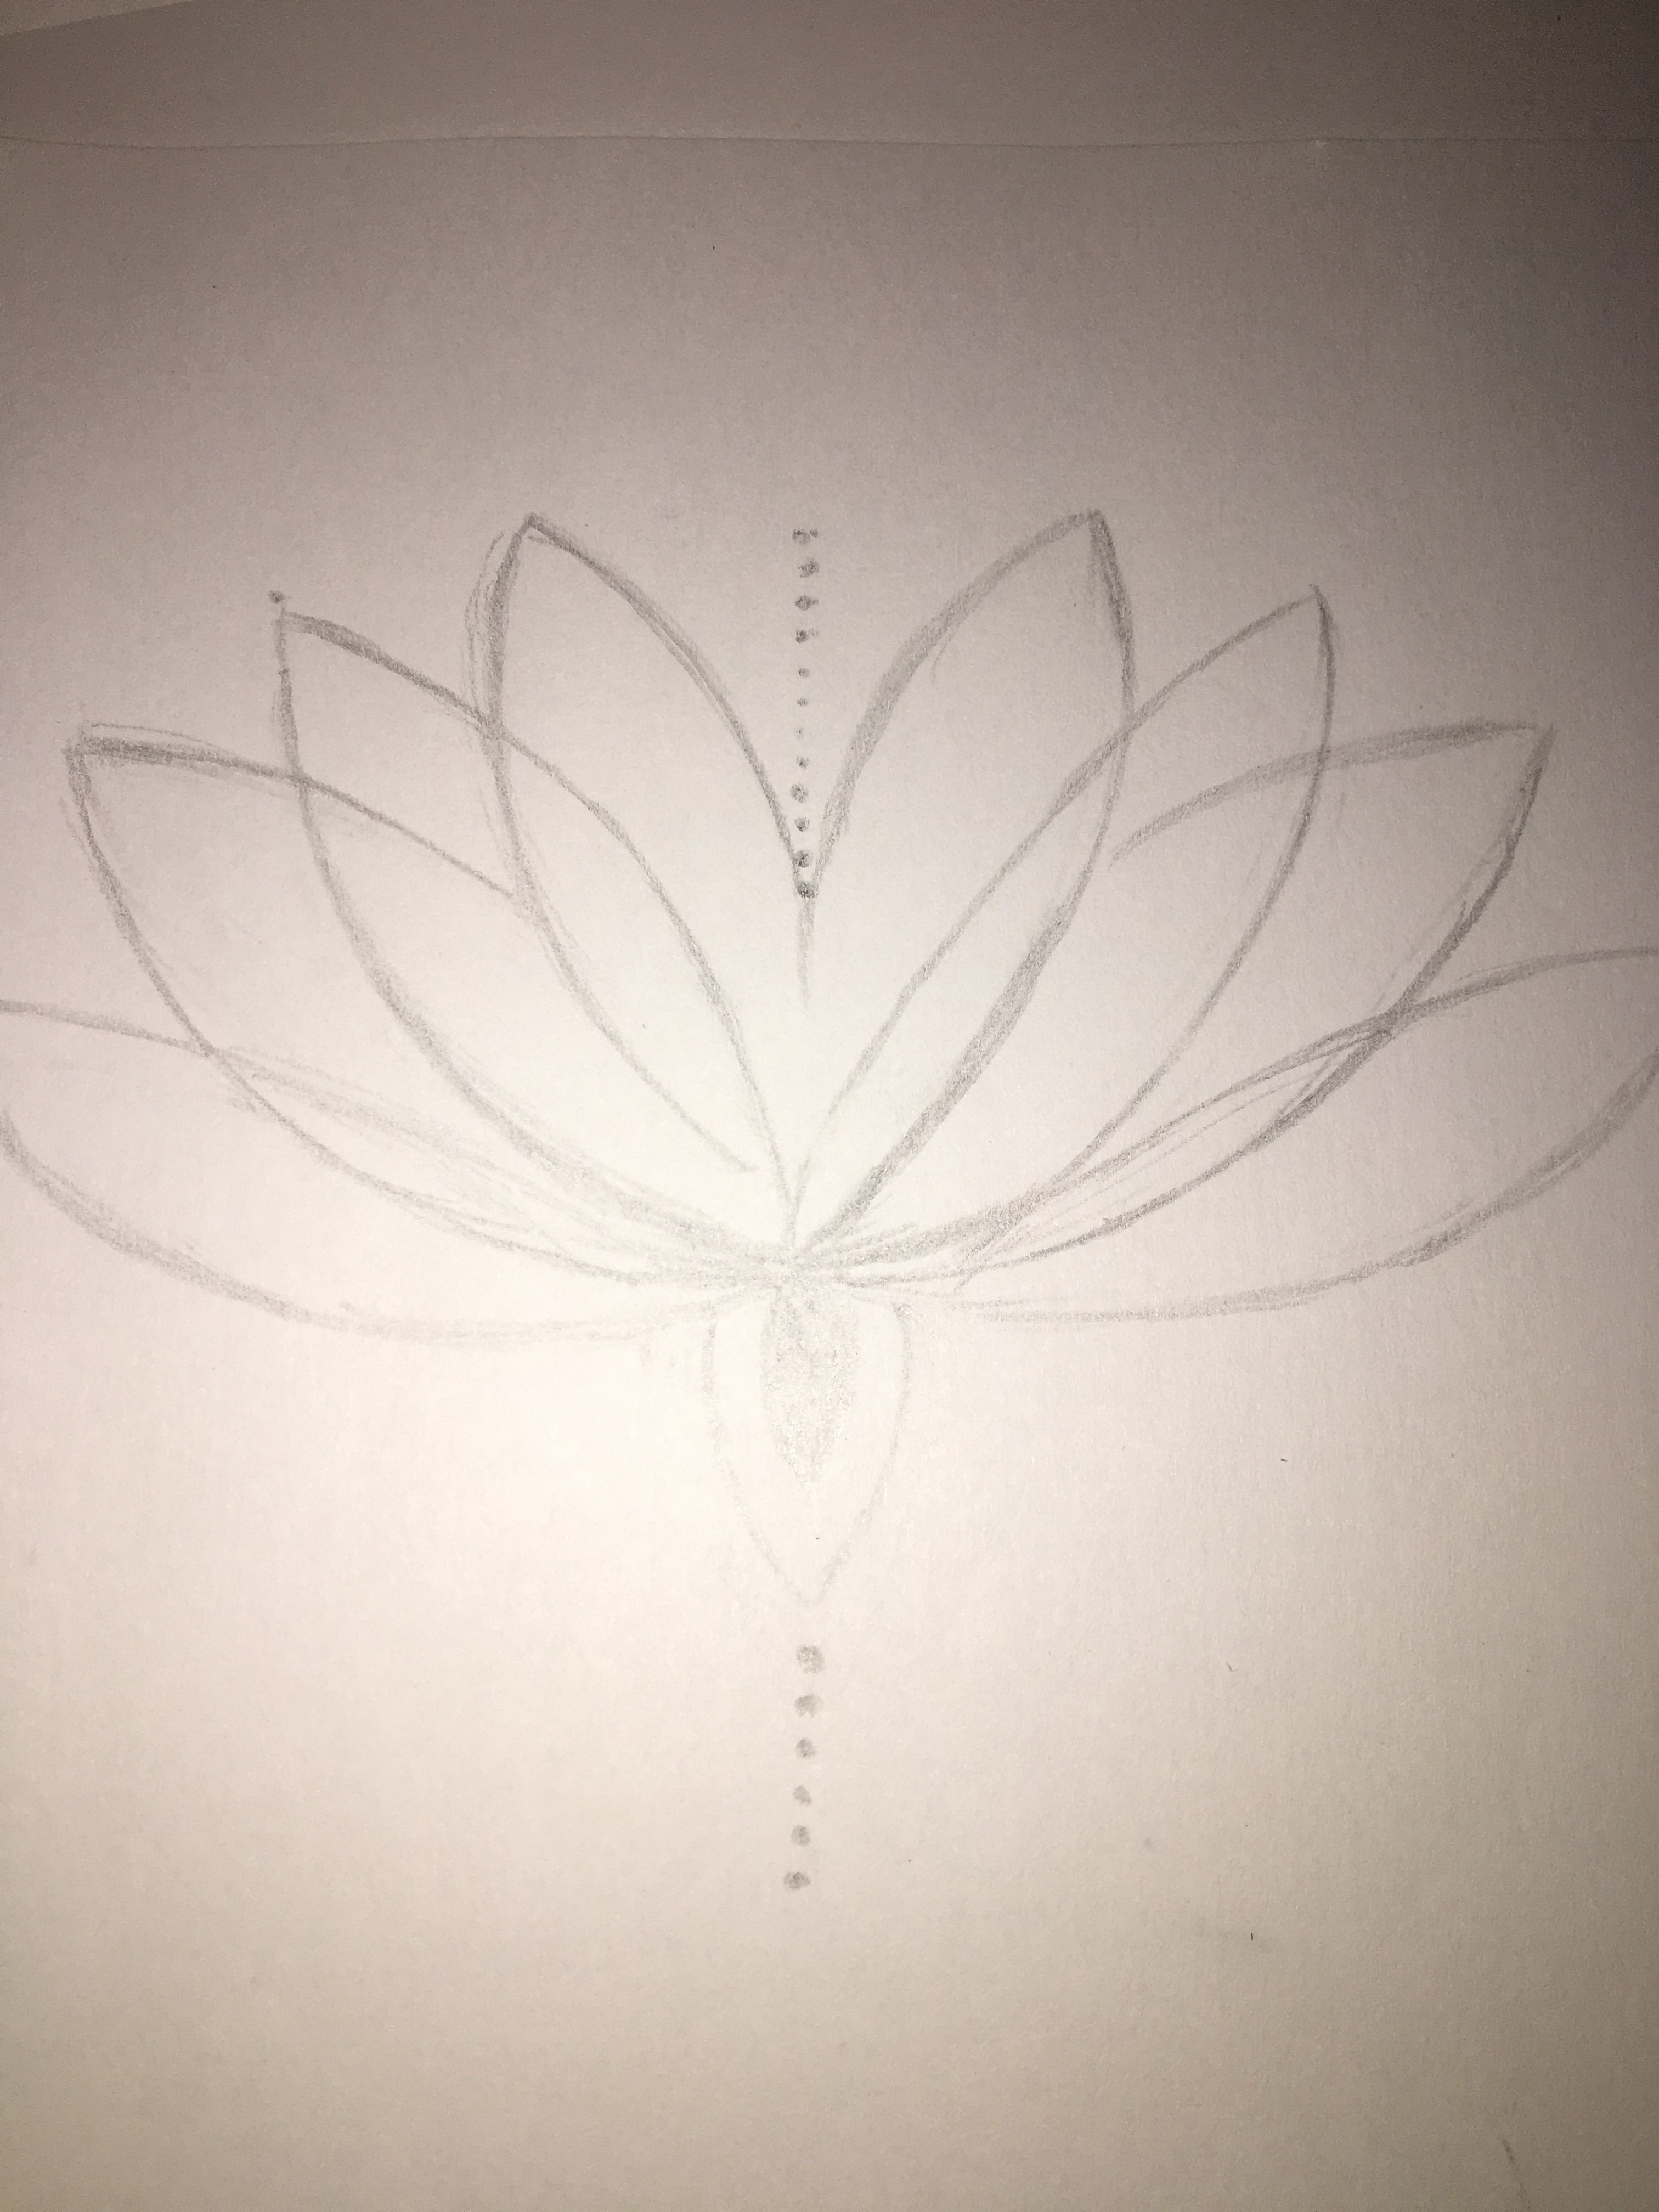 Tattoo ideas simple small pin by nicolae alecsandra on tatoos  pinterest  tatoos and tattoo